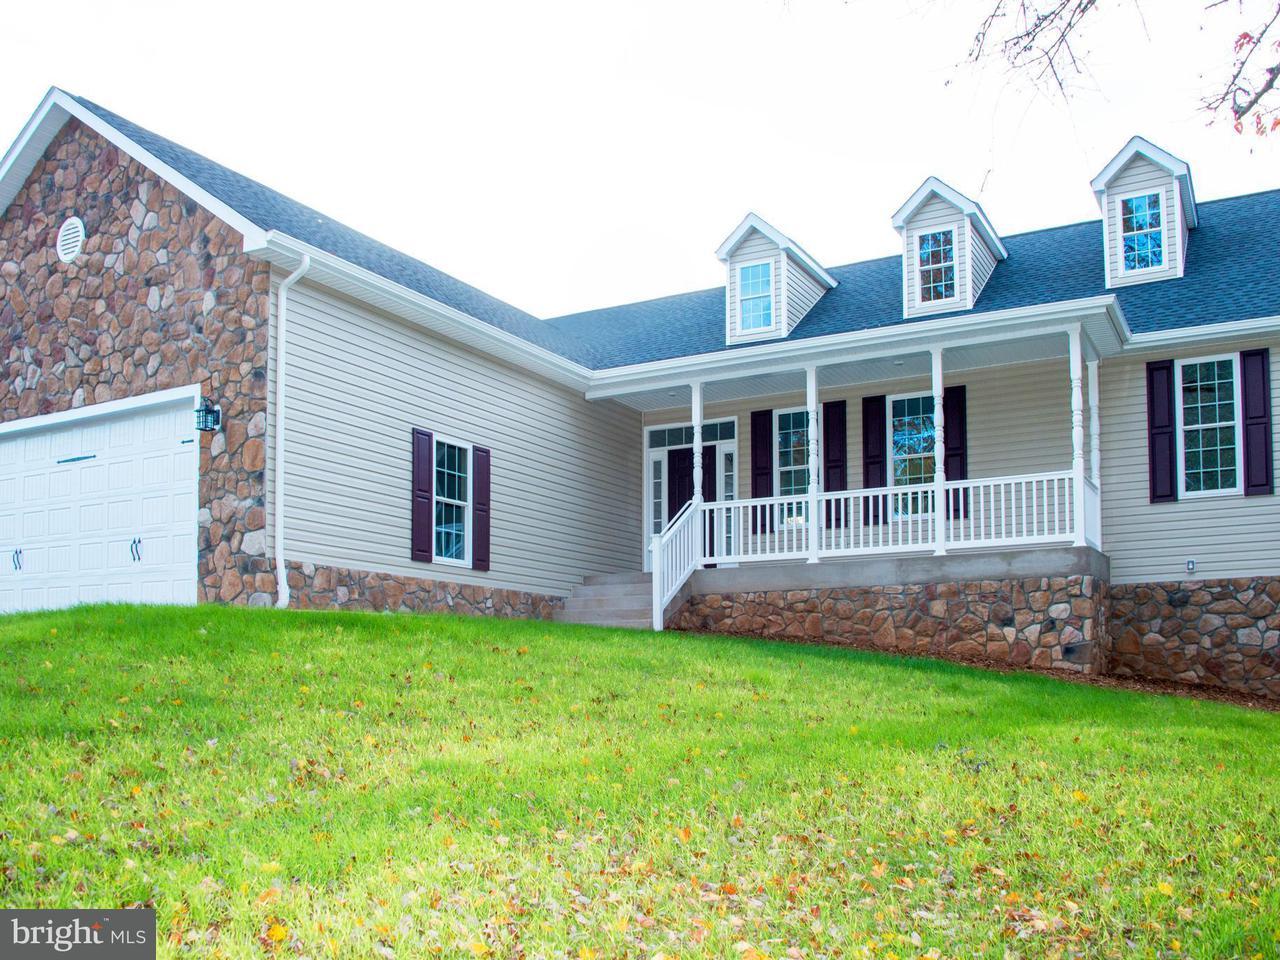 Maison unifamiliale pour l Vente à 5614 DOGWOOD TREE Lane 5614 DOGWOOD TREE Lane Mineral, Virginia 23117 États-Unis